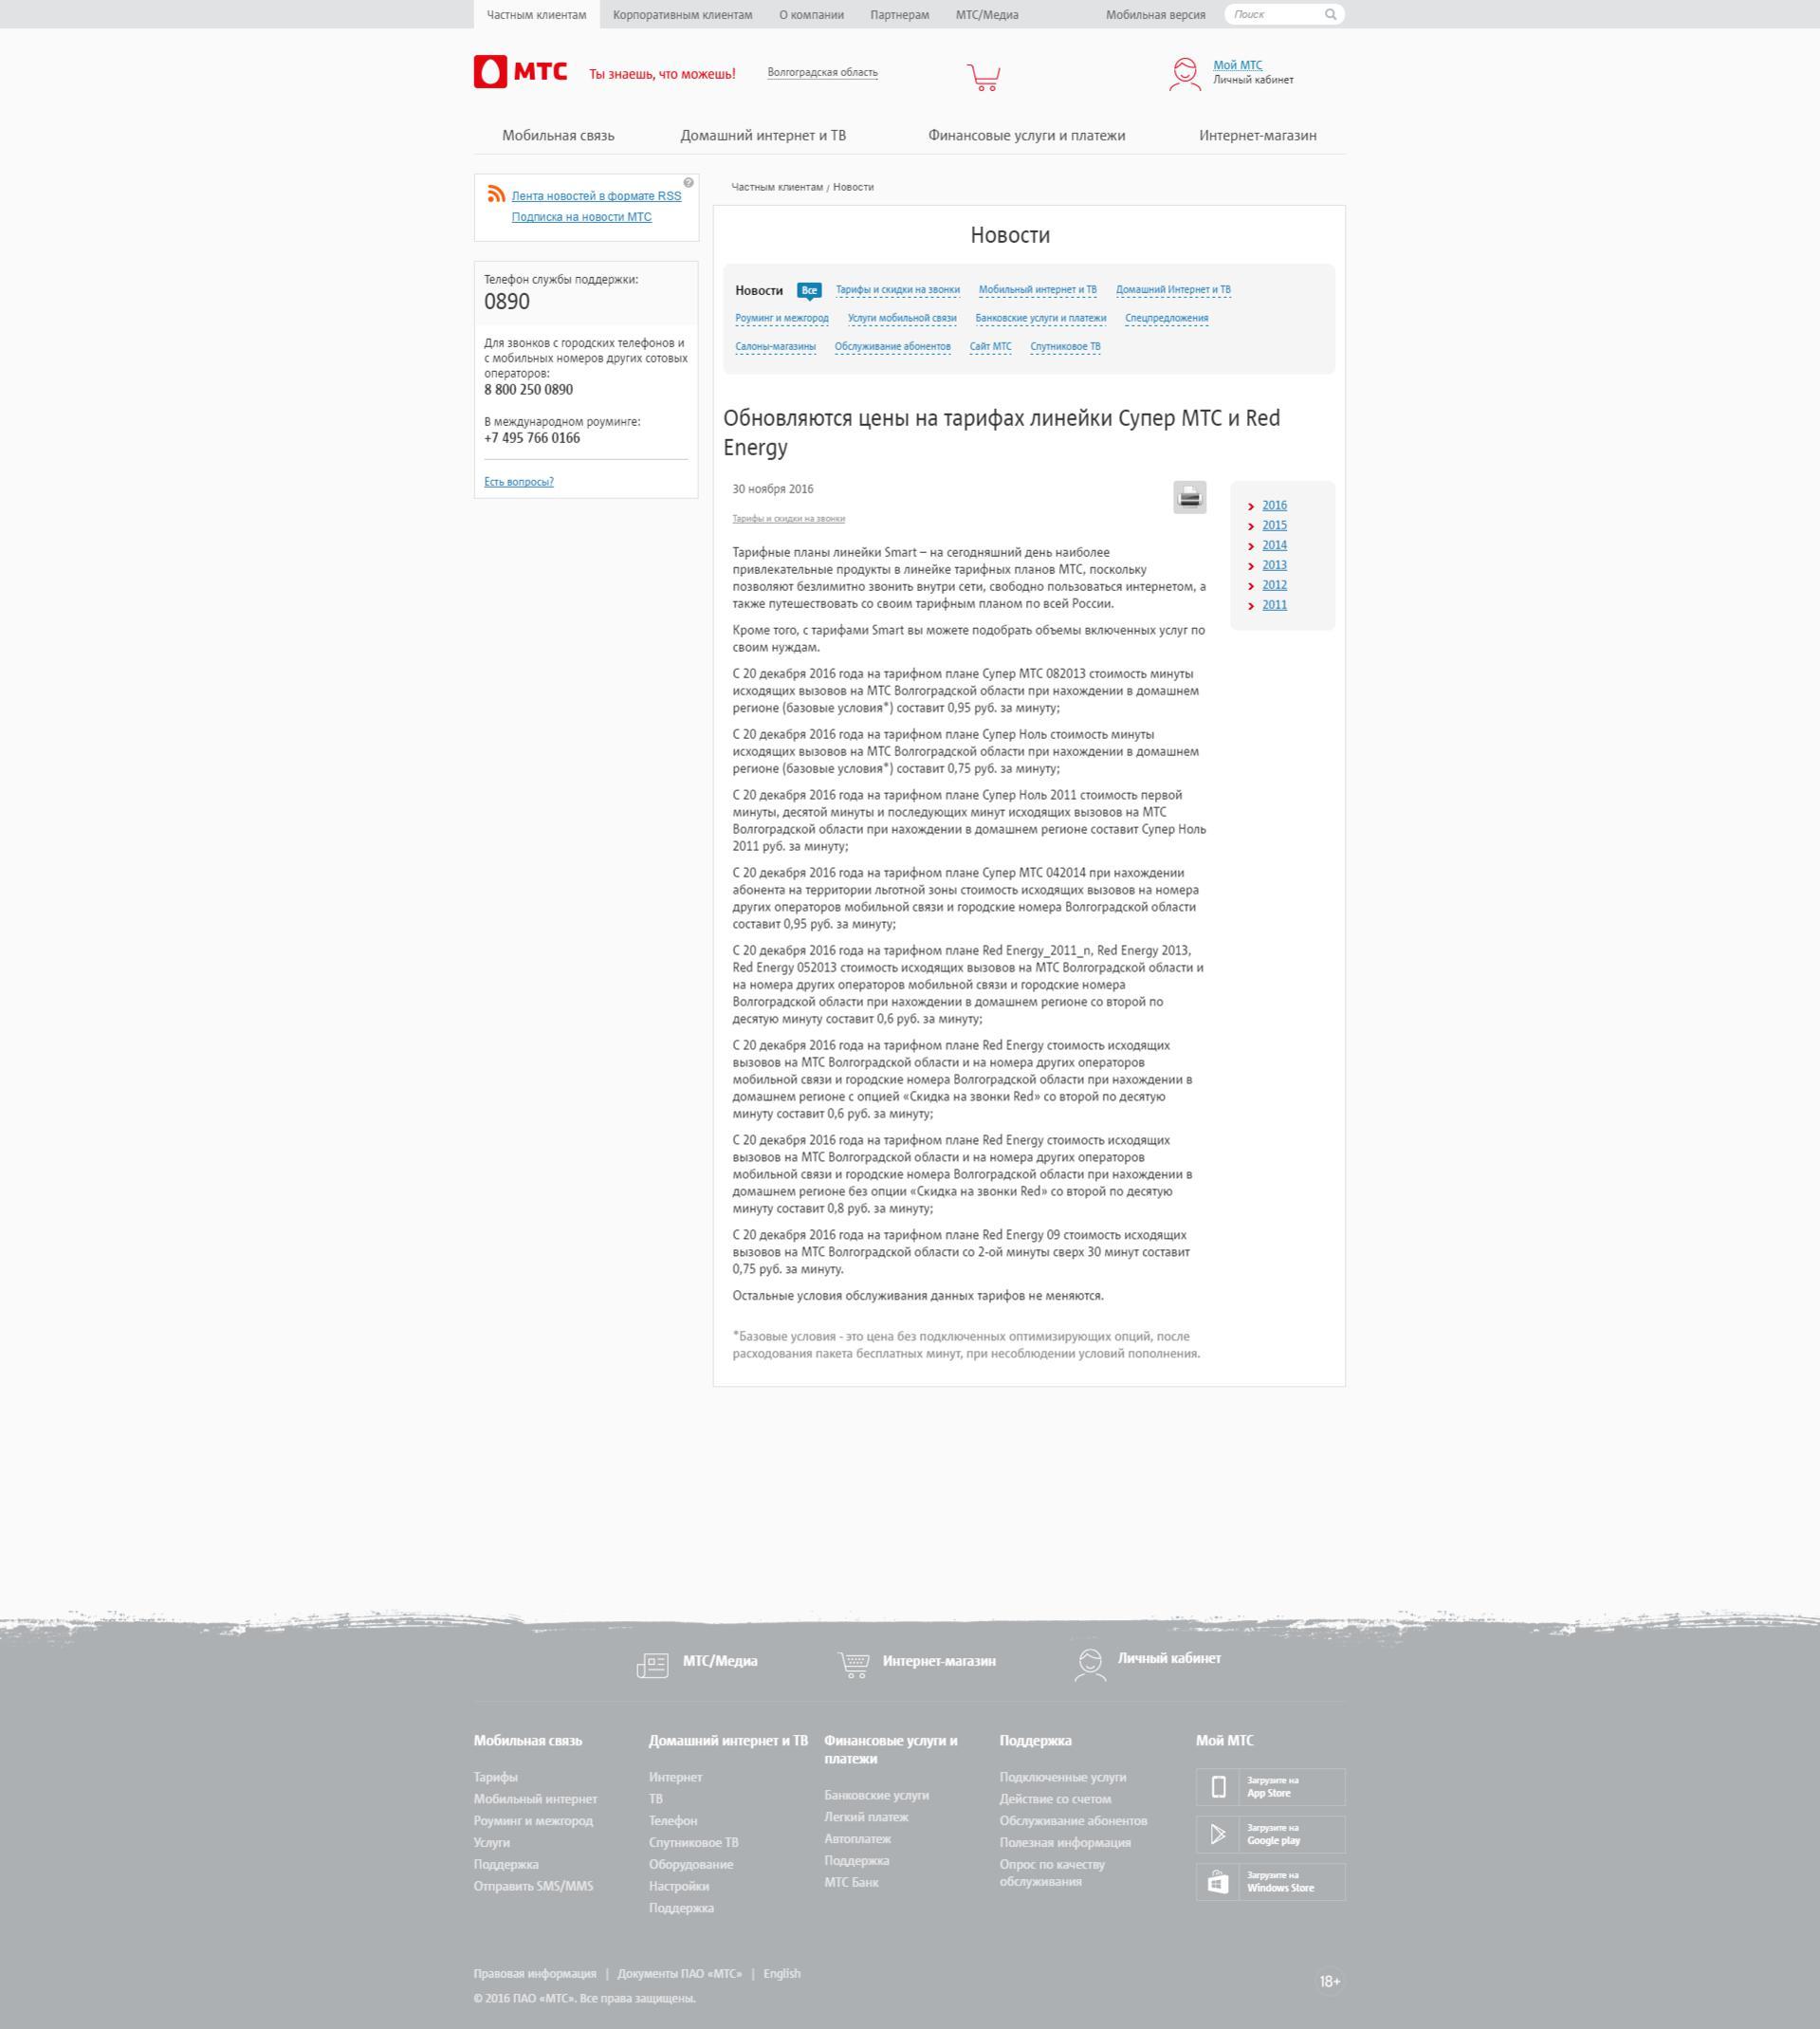 Нажмите на изображение для увеличения Название: FireShot Capture 271 - Новости - Волгоградская область - http___www.volgograd.mts.ru_news_n30112.jpg Просмотров: 58 Размер:198.2 Кб ID:216284